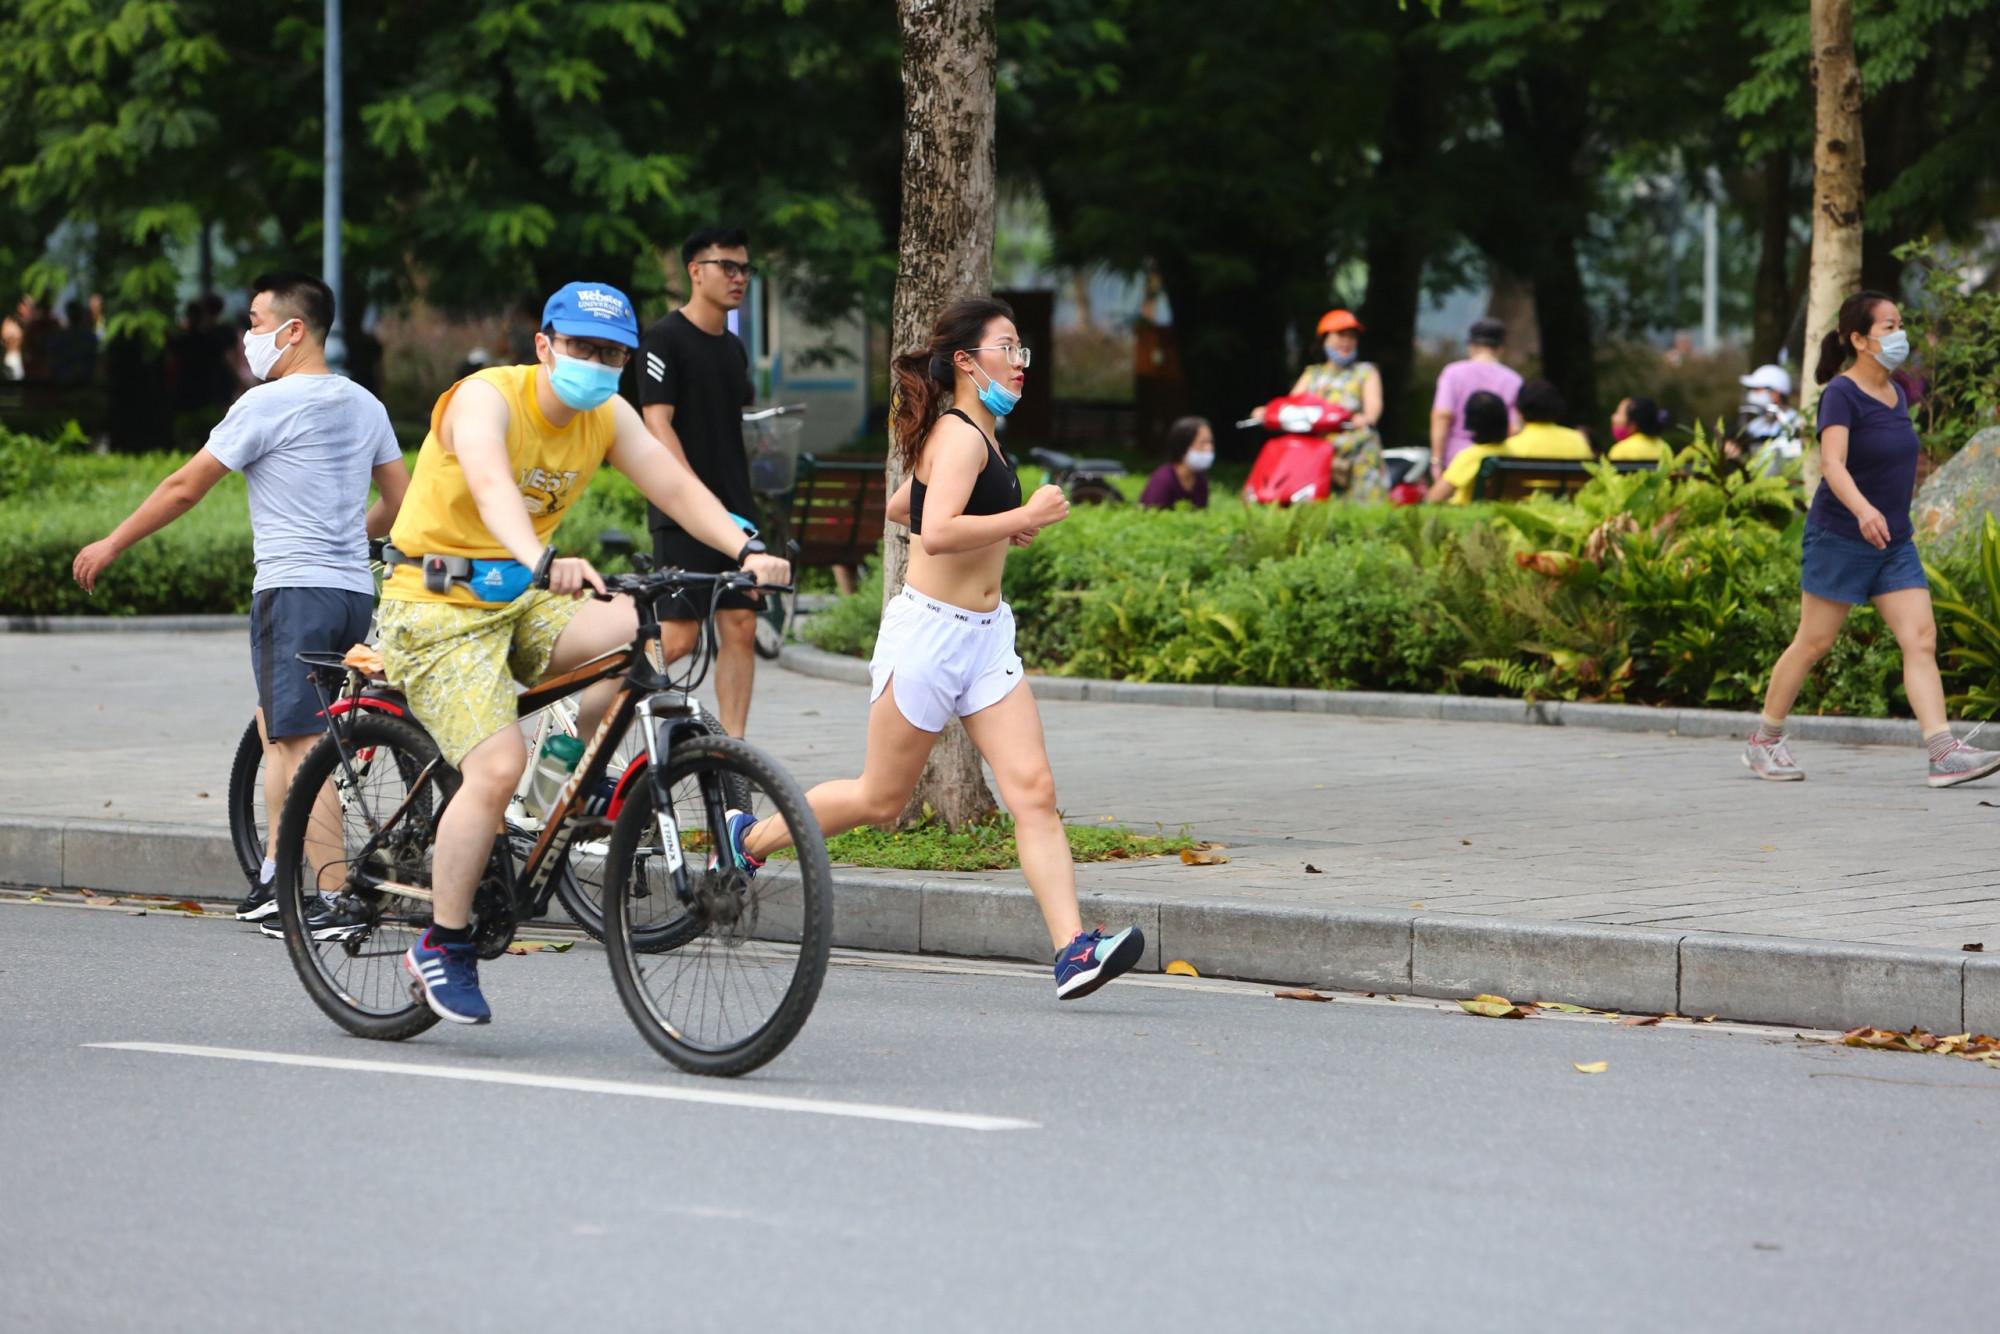 Sáng nay (26/6), đường phố Hà Nội bắt đầu nhộn nhịp trở lại khi các hoạt động thể dục, thể thao ngoài trời được nới lỏng.